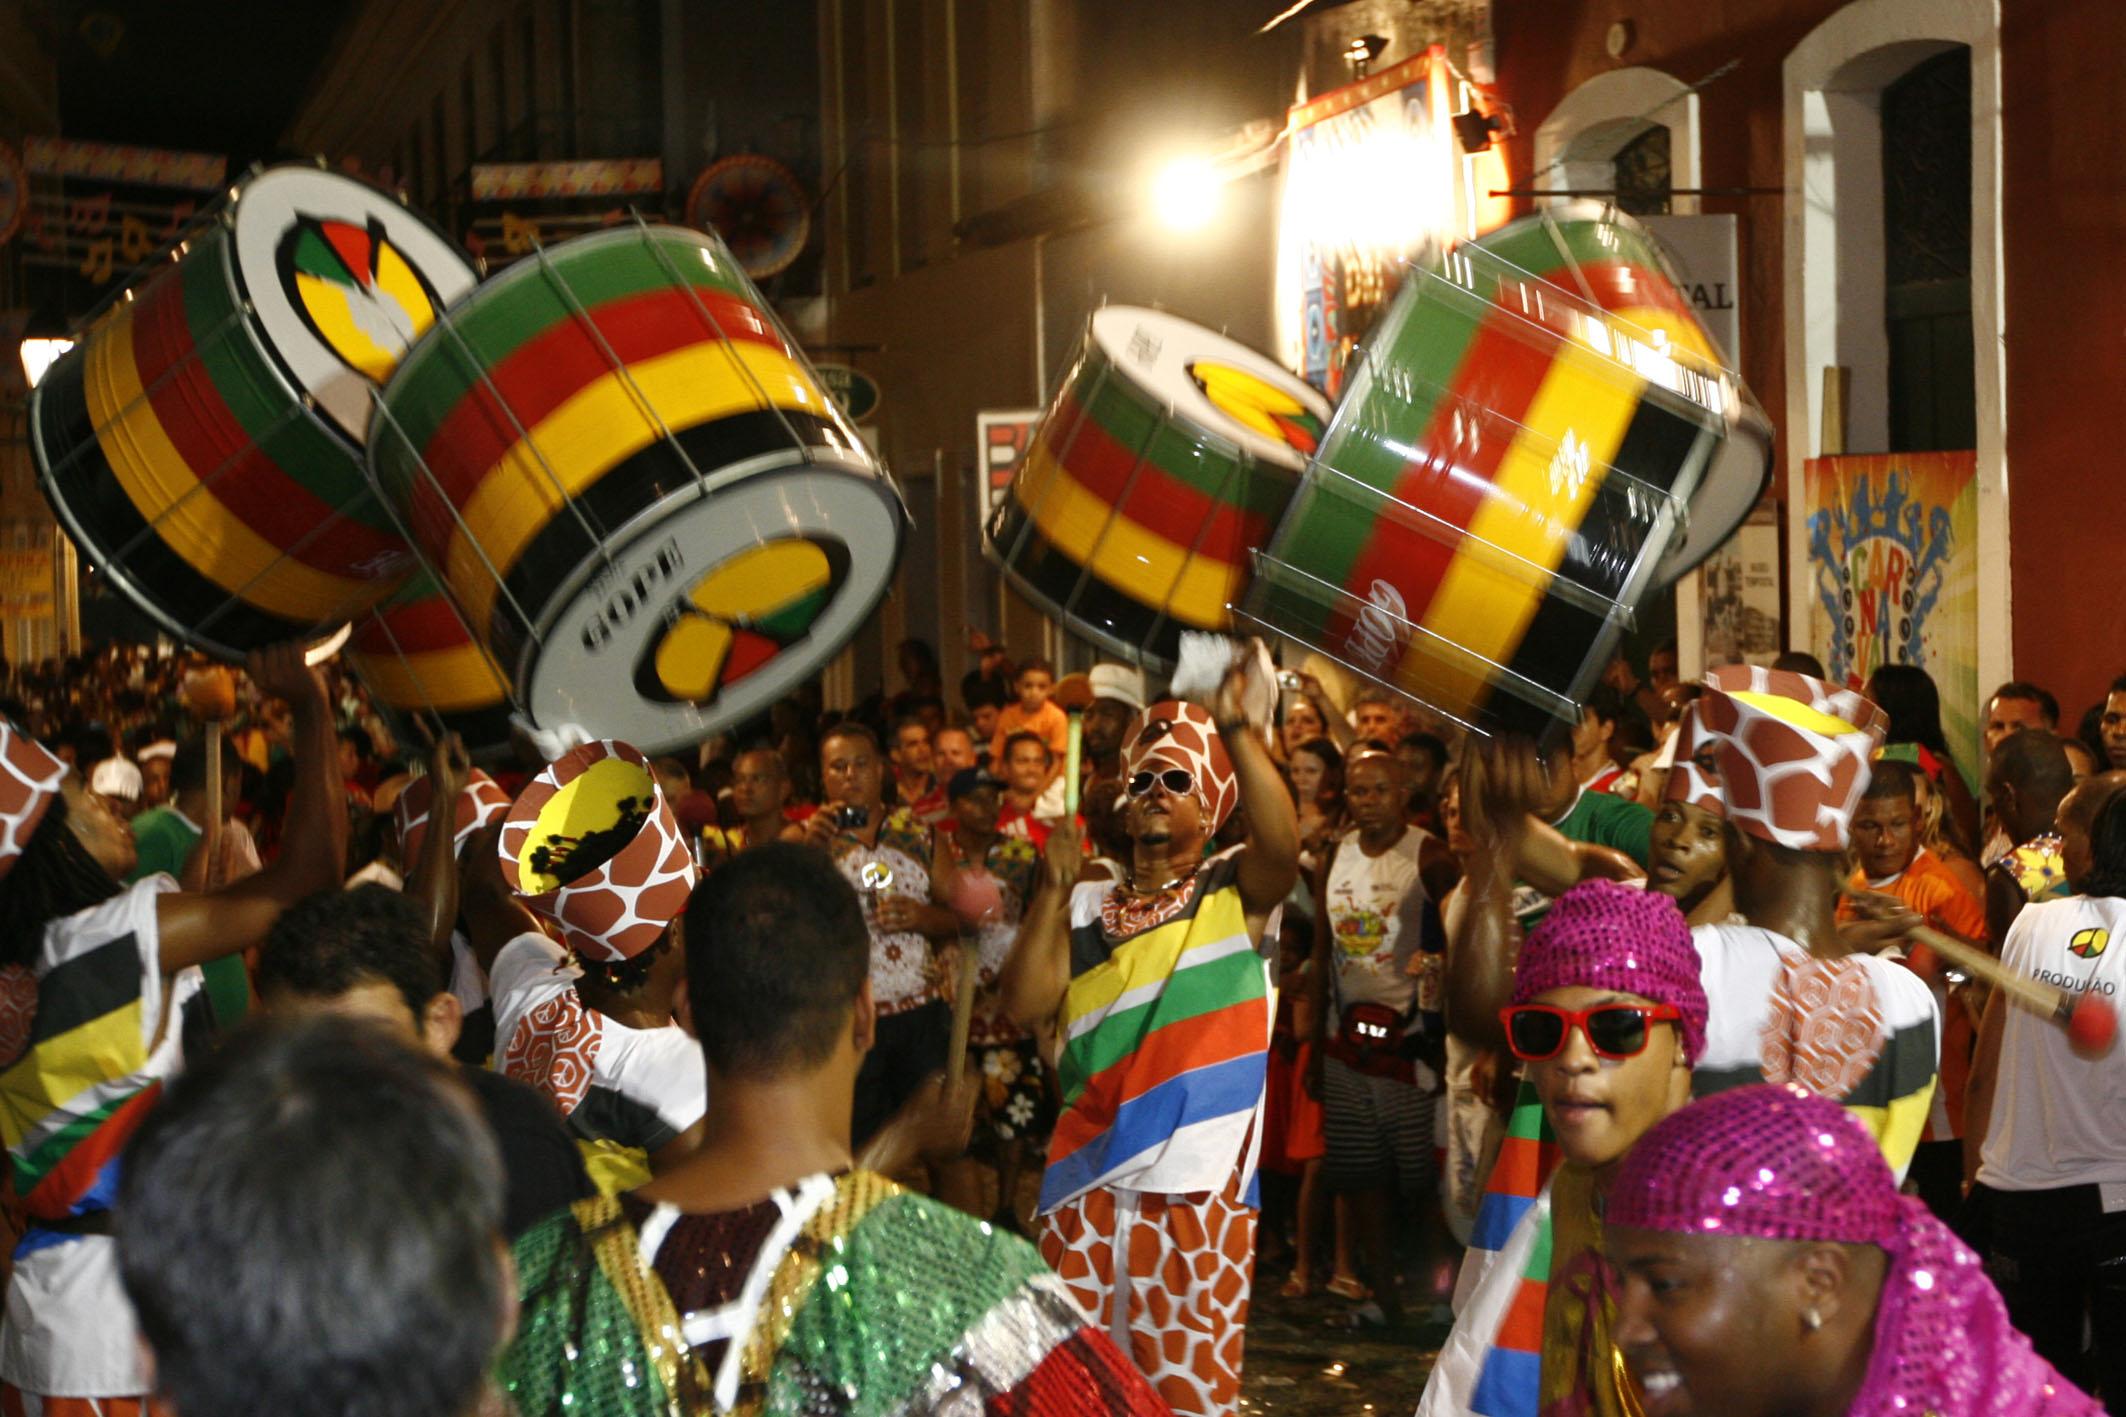 Carnaval 2010 - segundo dia de festa no circuito batatinha no Centro Historico de Salvador Na foto: Foto: Roberto Viana/AGECOM